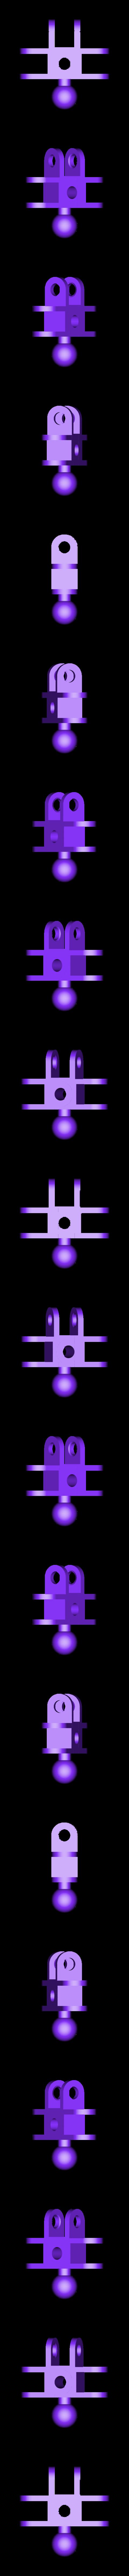 clip_x3_ball_x1.stl Télécharger fichier STL gratuit Jeu de construction ChainClip • Modèle à imprimer en 3D, ferjerez3d